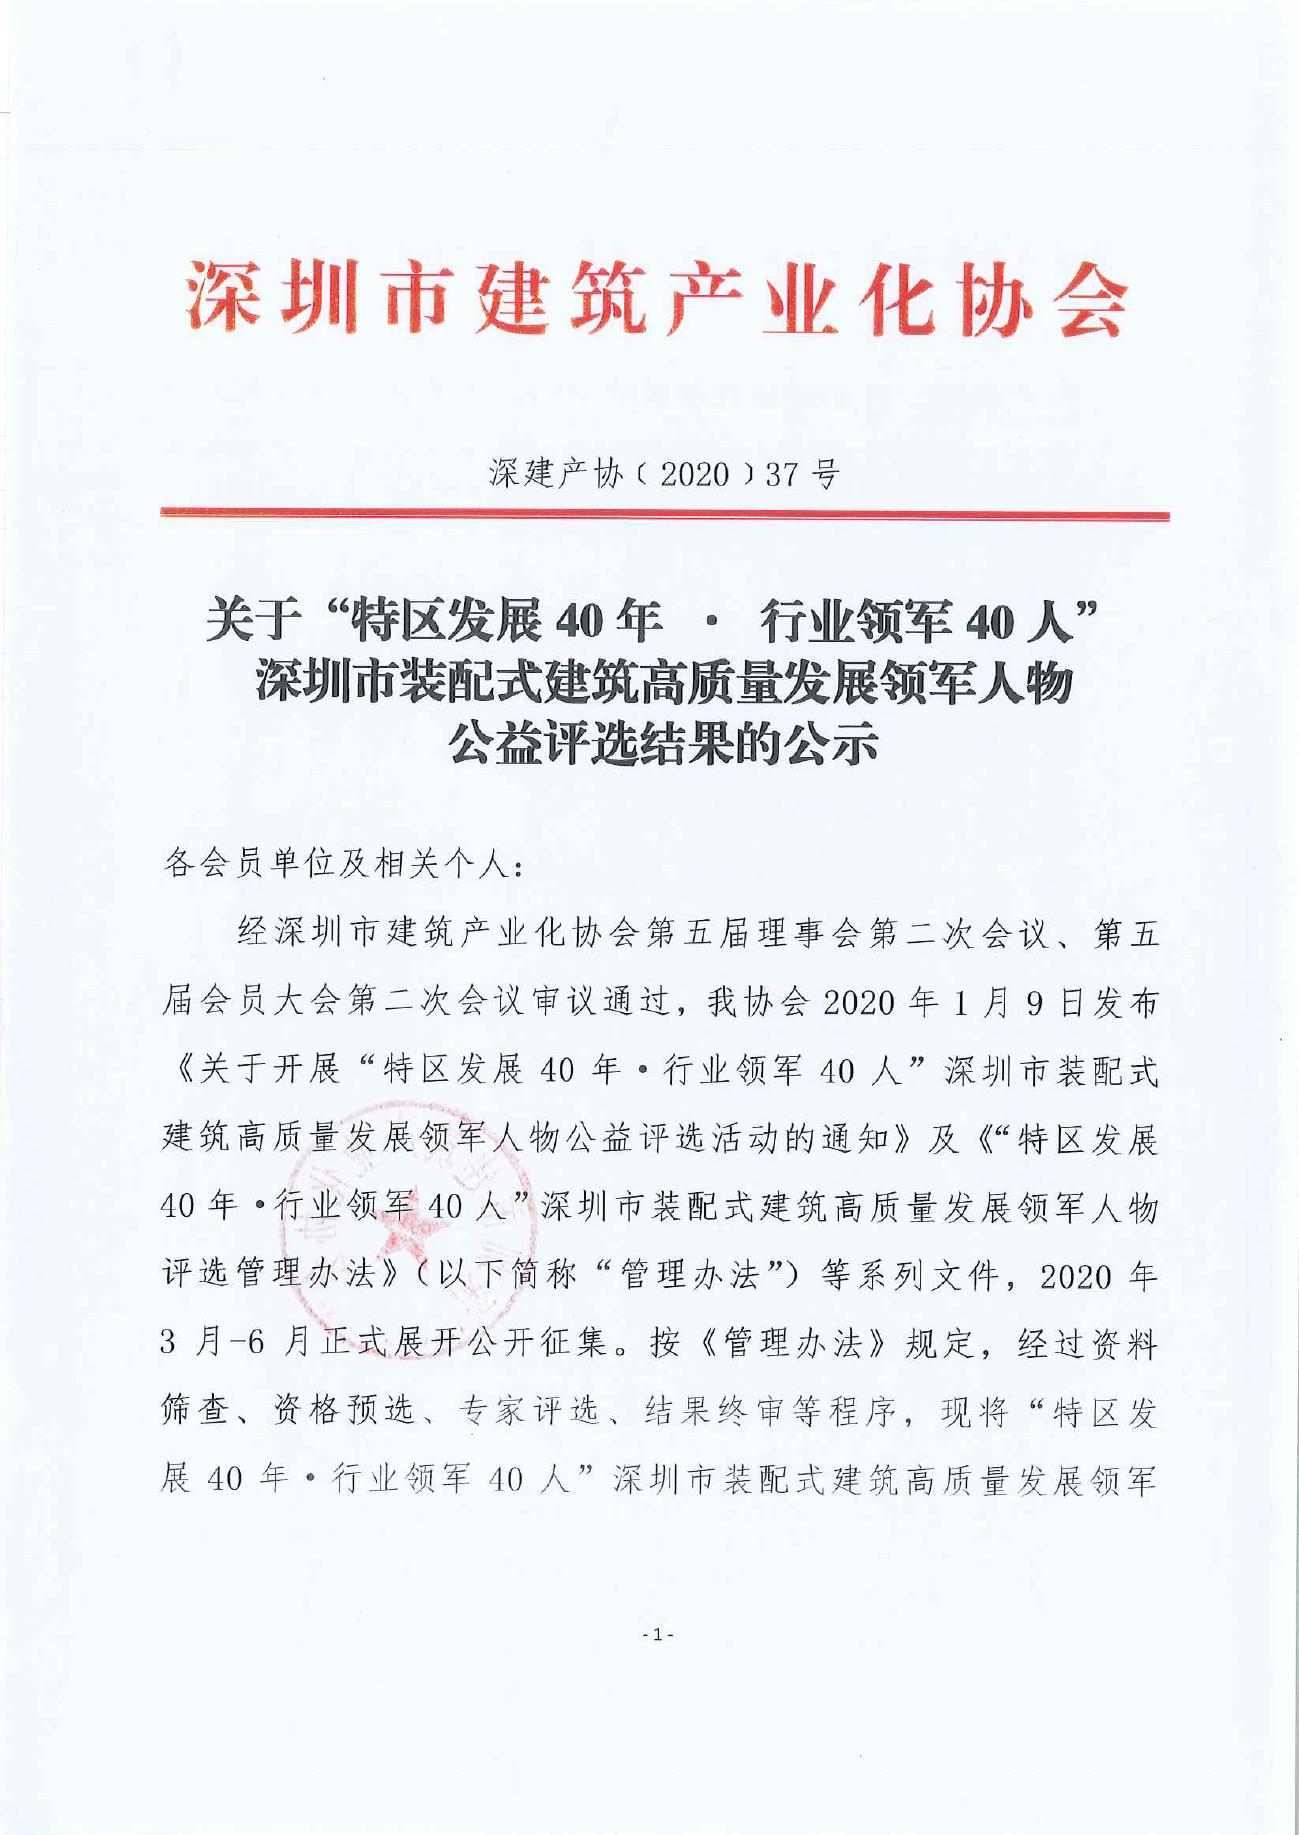 """关于""""特区发展40年 • 行业领军40人"""" 深圳市装配式建筑高质量发展领军人物公益评选结果的公示"""